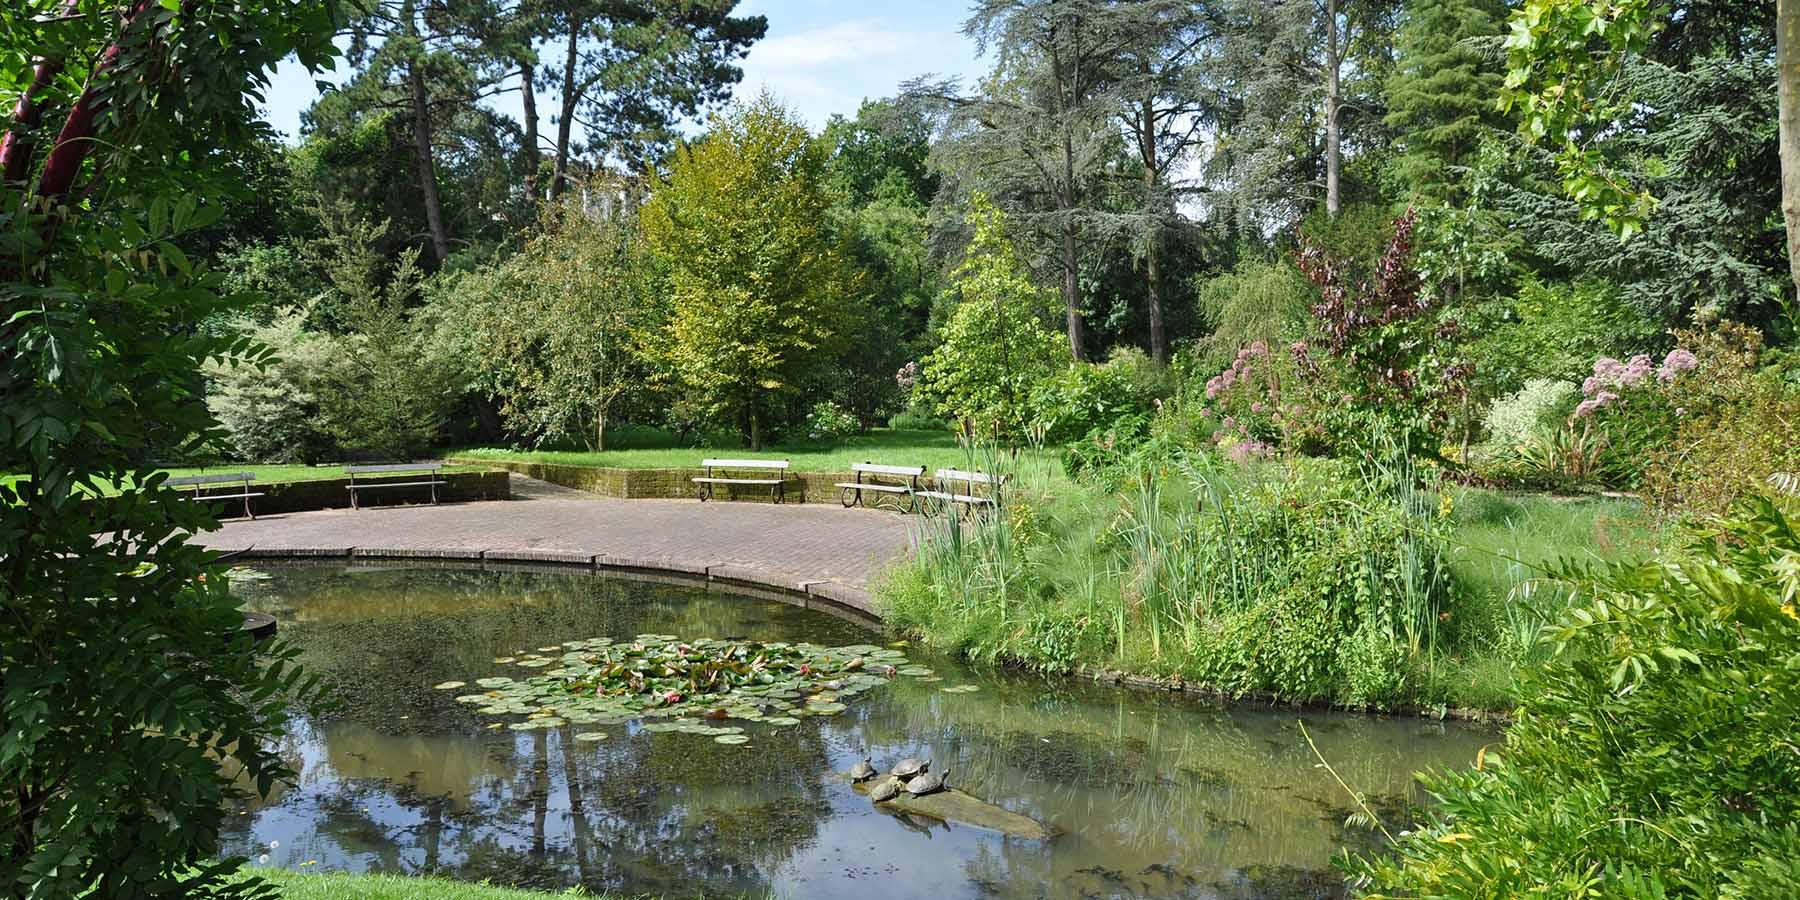 Trompenburg tuinen arboretum prachtige plantentuin in for De tuin kralingen